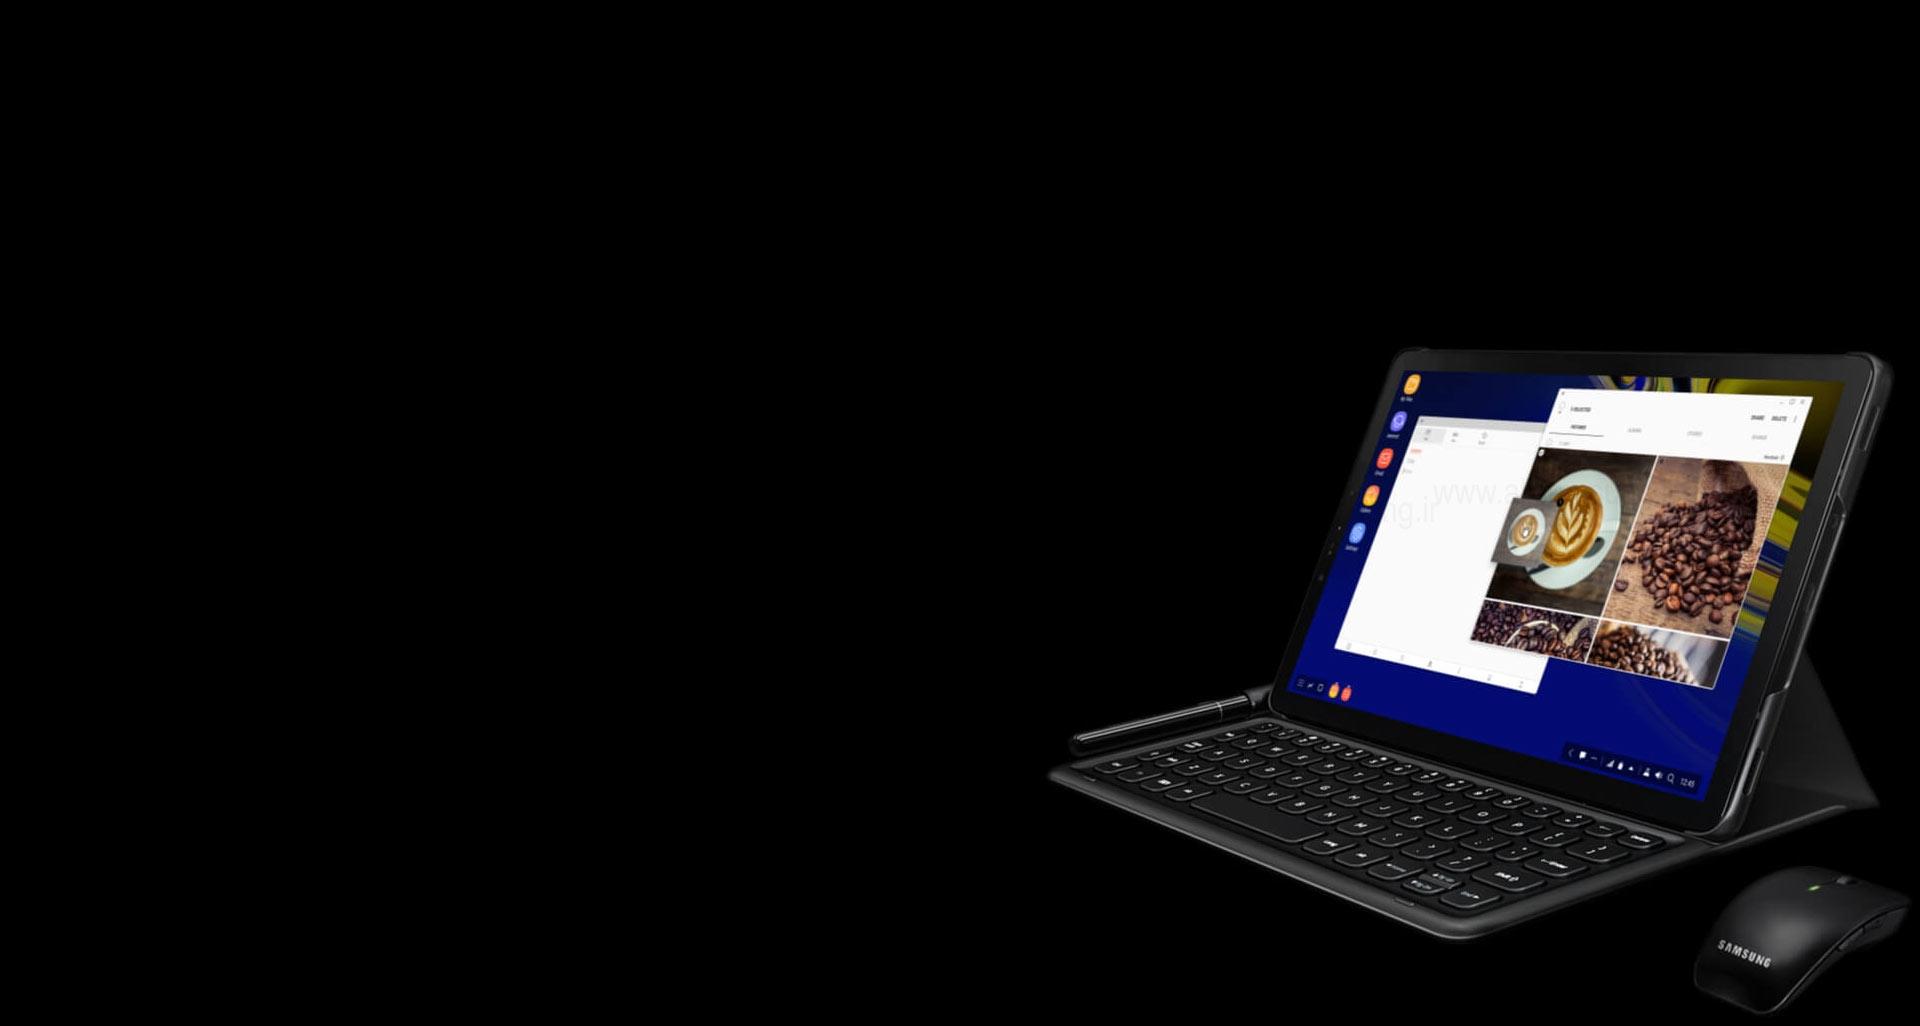 تبلت گلکسی تب اس 4، یک کامپیوتر پیشرفته